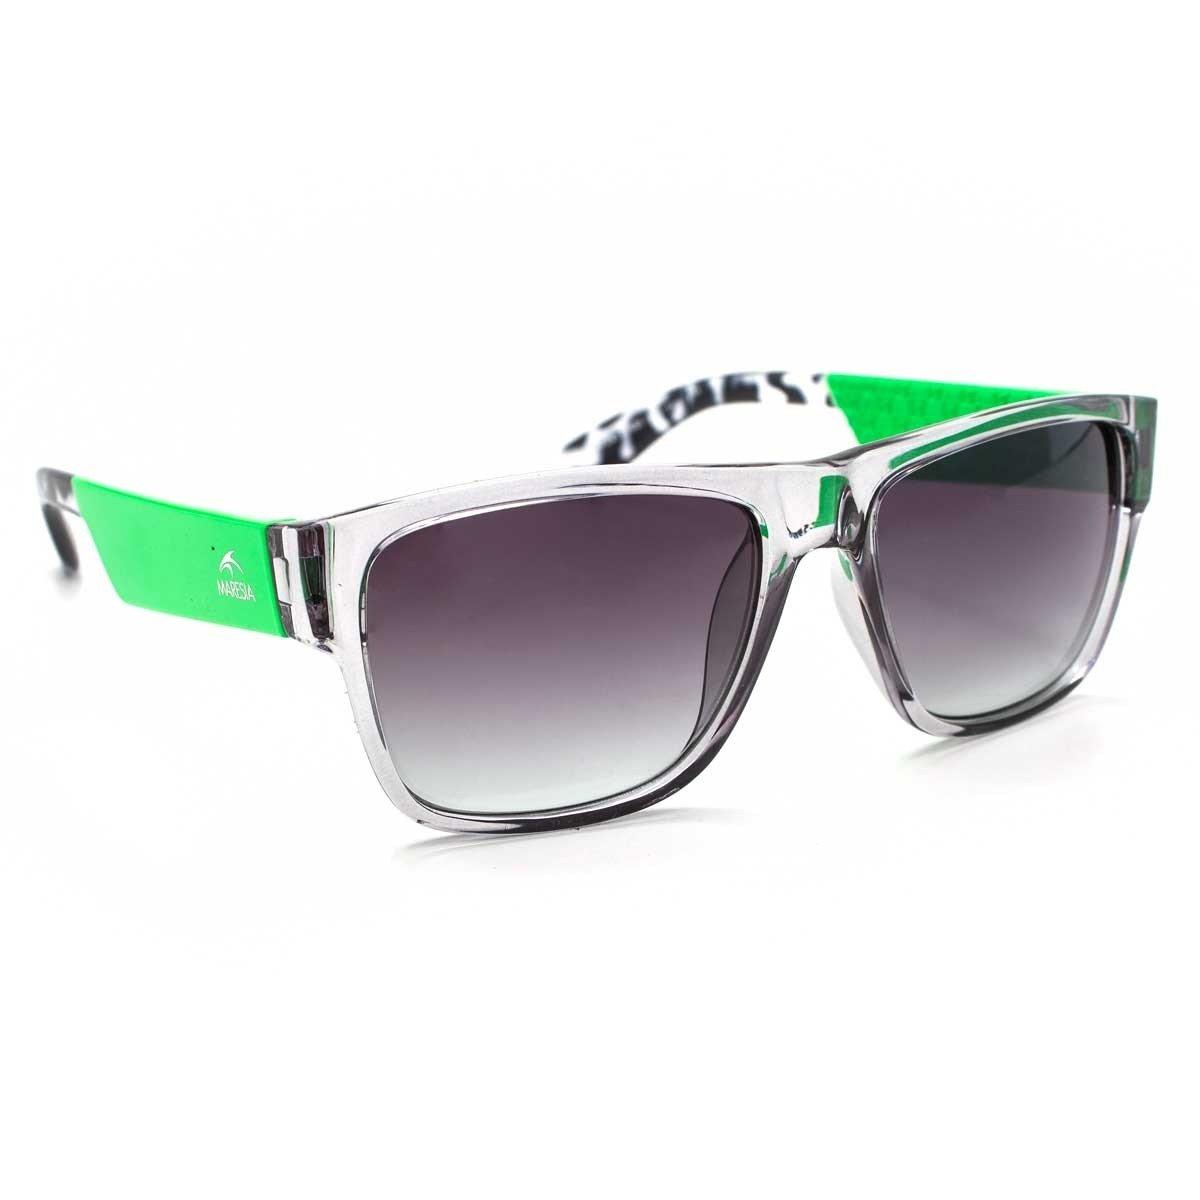 Óculos de sol Porto das Dunas Maresia - Compre Agora   Zattini 9e40c6d5cc